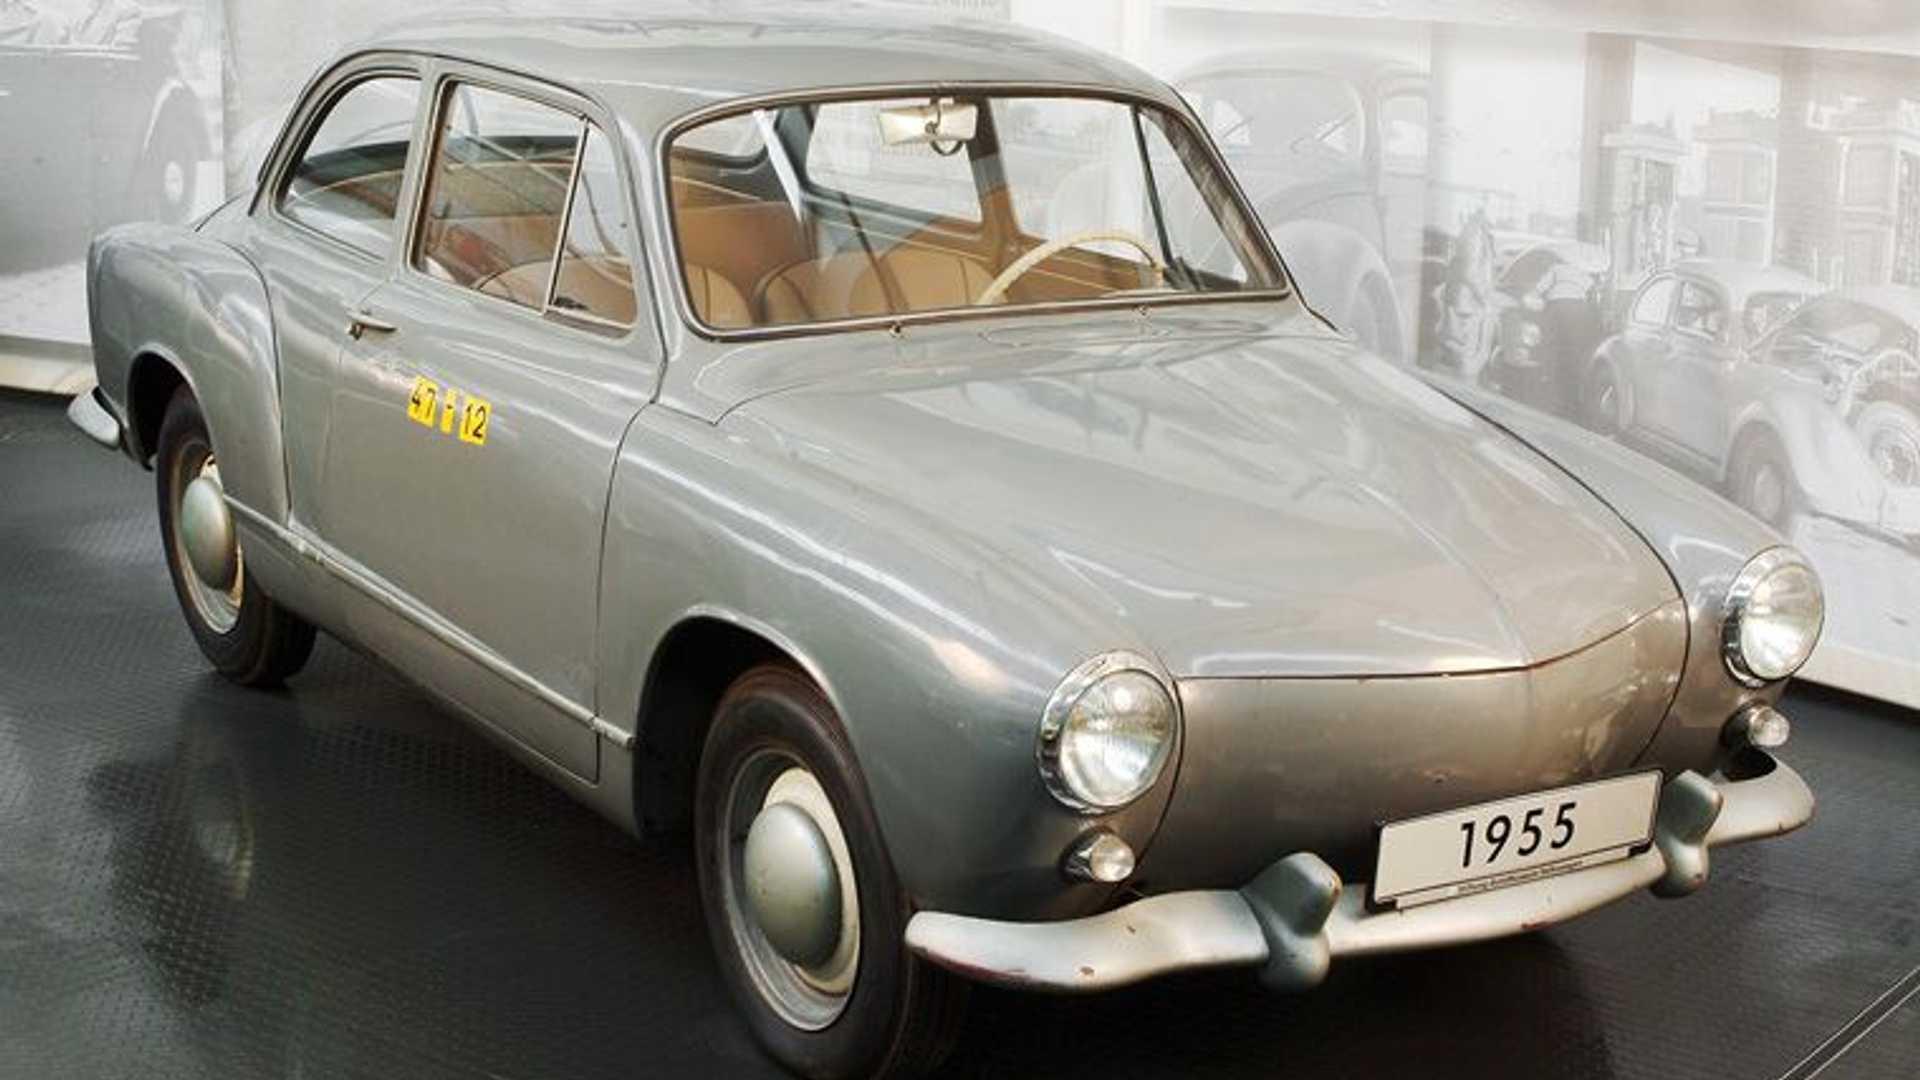 vw-beetle-replacement-prototype-1955-56-ea47-12